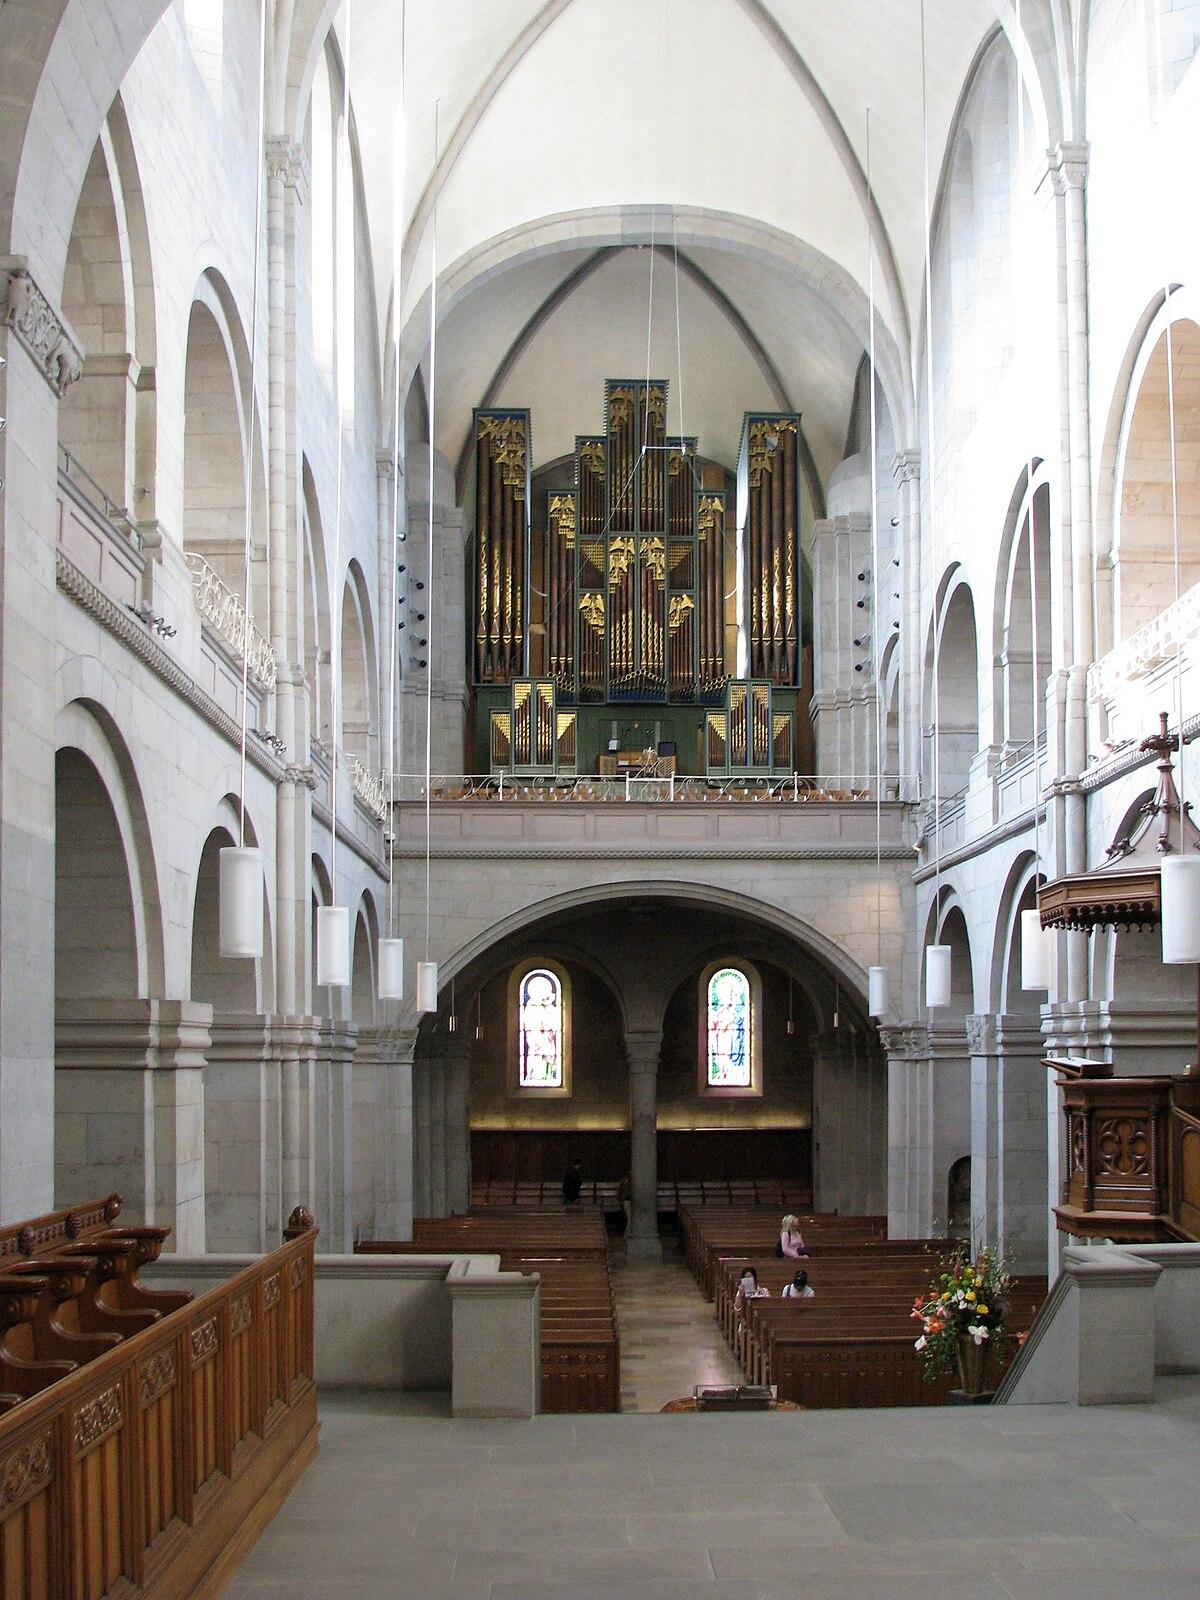 Grossm nster wikipedia for Interior auf deutsch